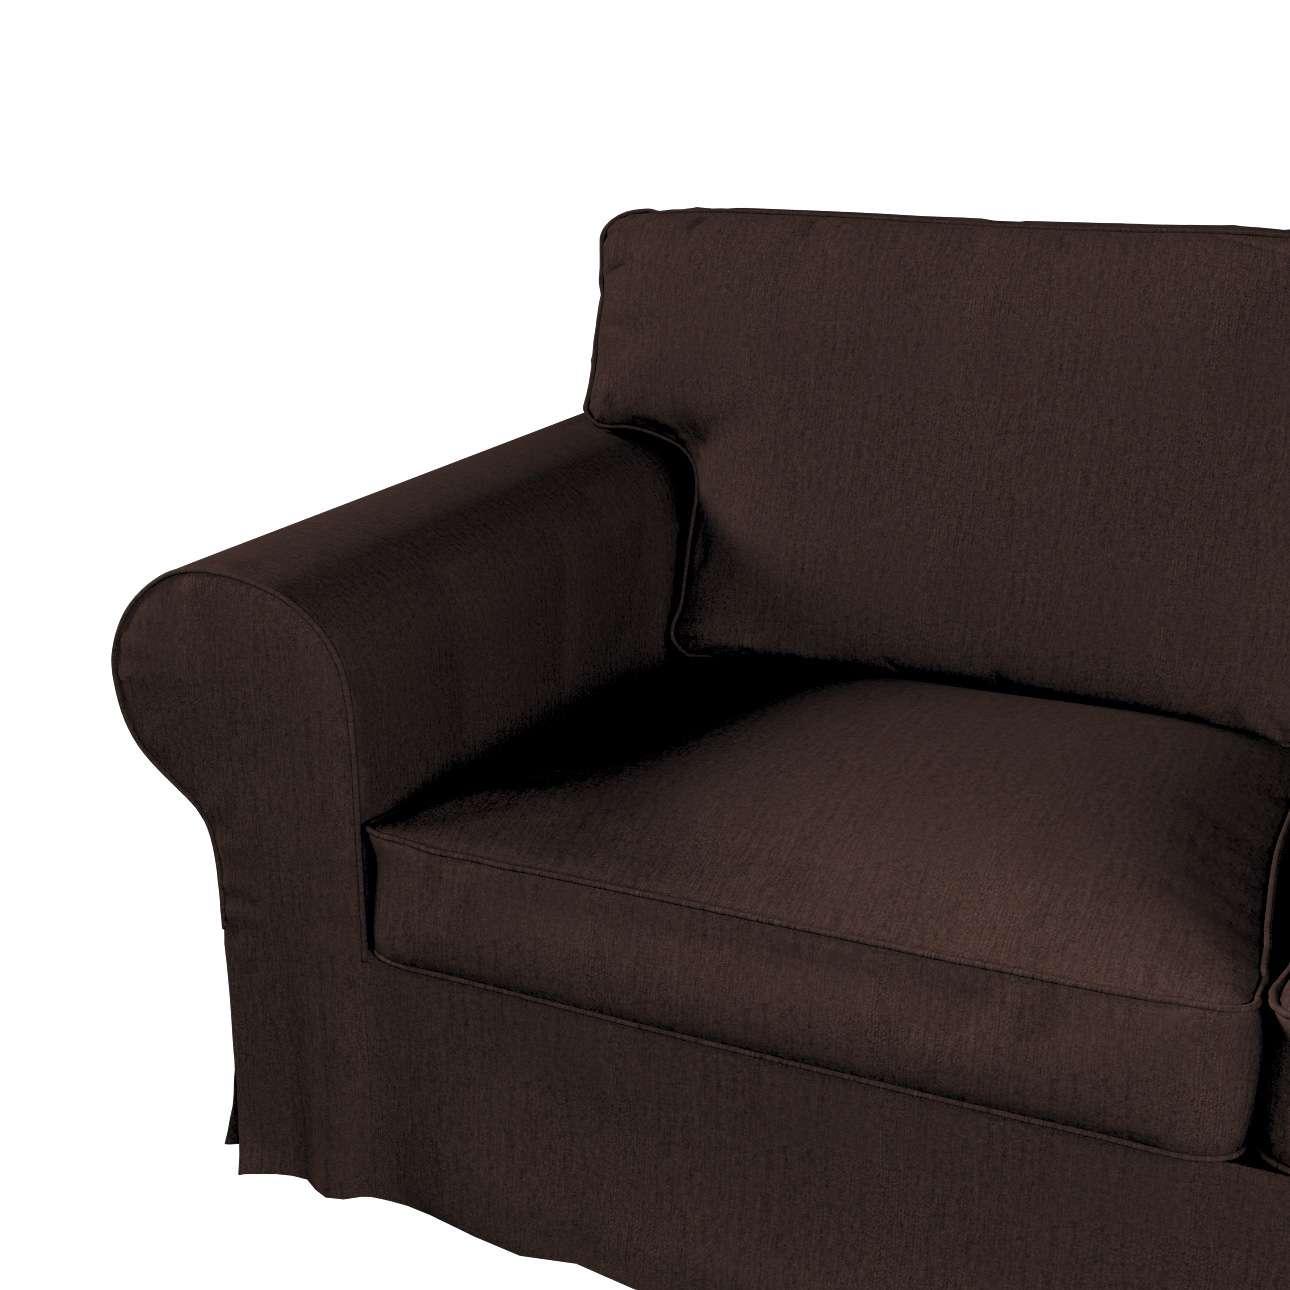 Pokrowiec na sofę Ektorp 2-osobową i leżankę w kolekcji Chenille, tkanina: 702-18